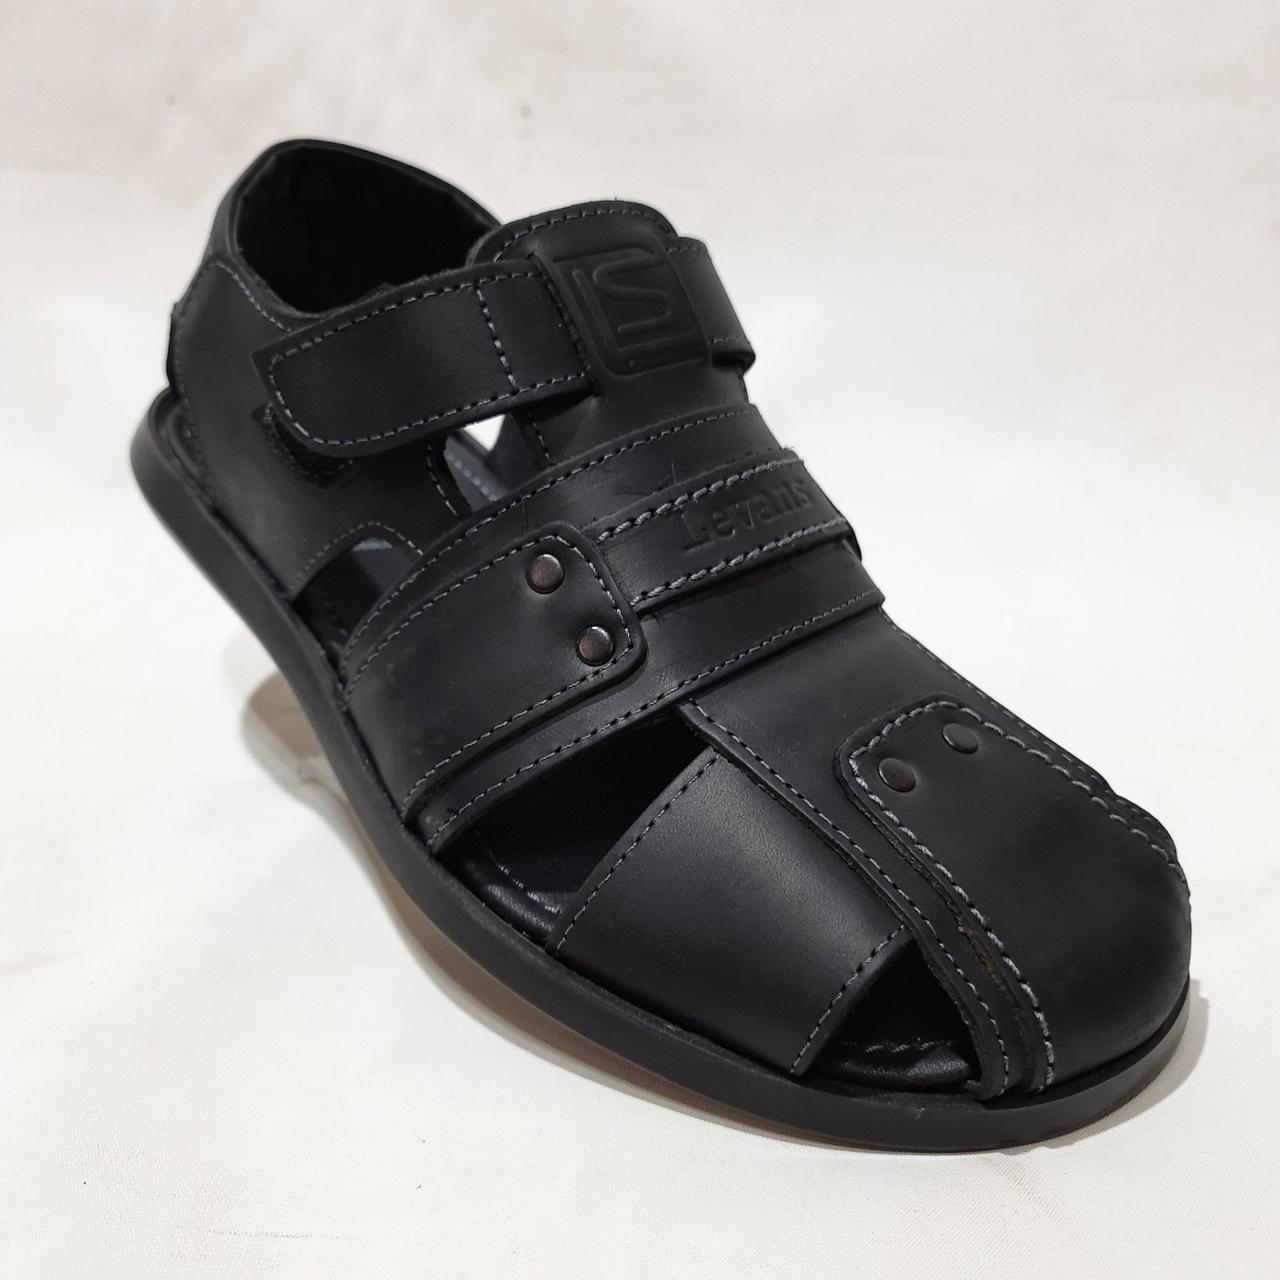 Чоловічі сандалі Levans босоніжки натуральна шкіра закриті Чорні